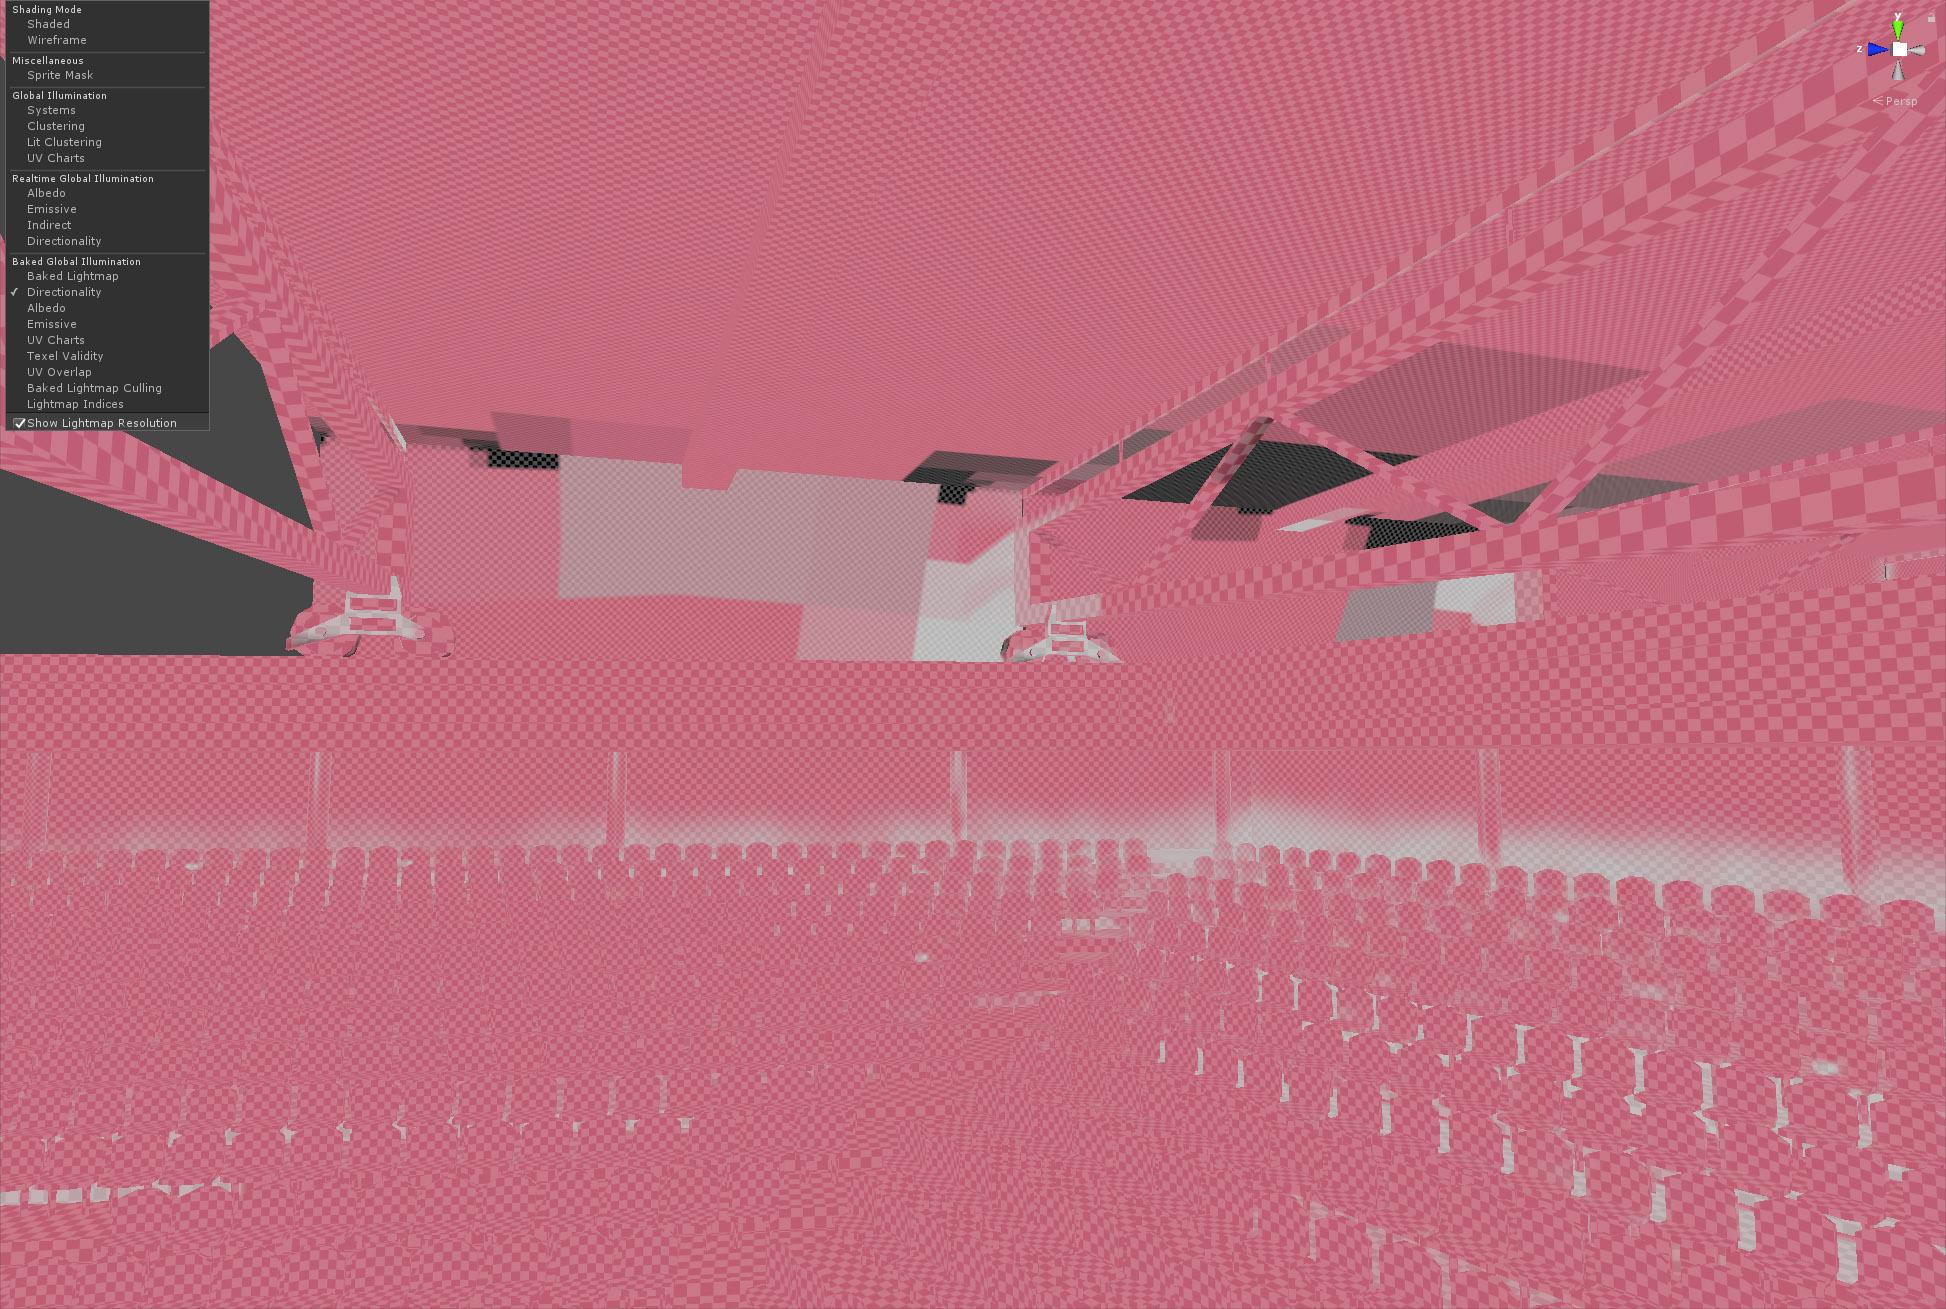 2019-08 - TE4 Stadium - Progressive GPU - Directionality.jpg